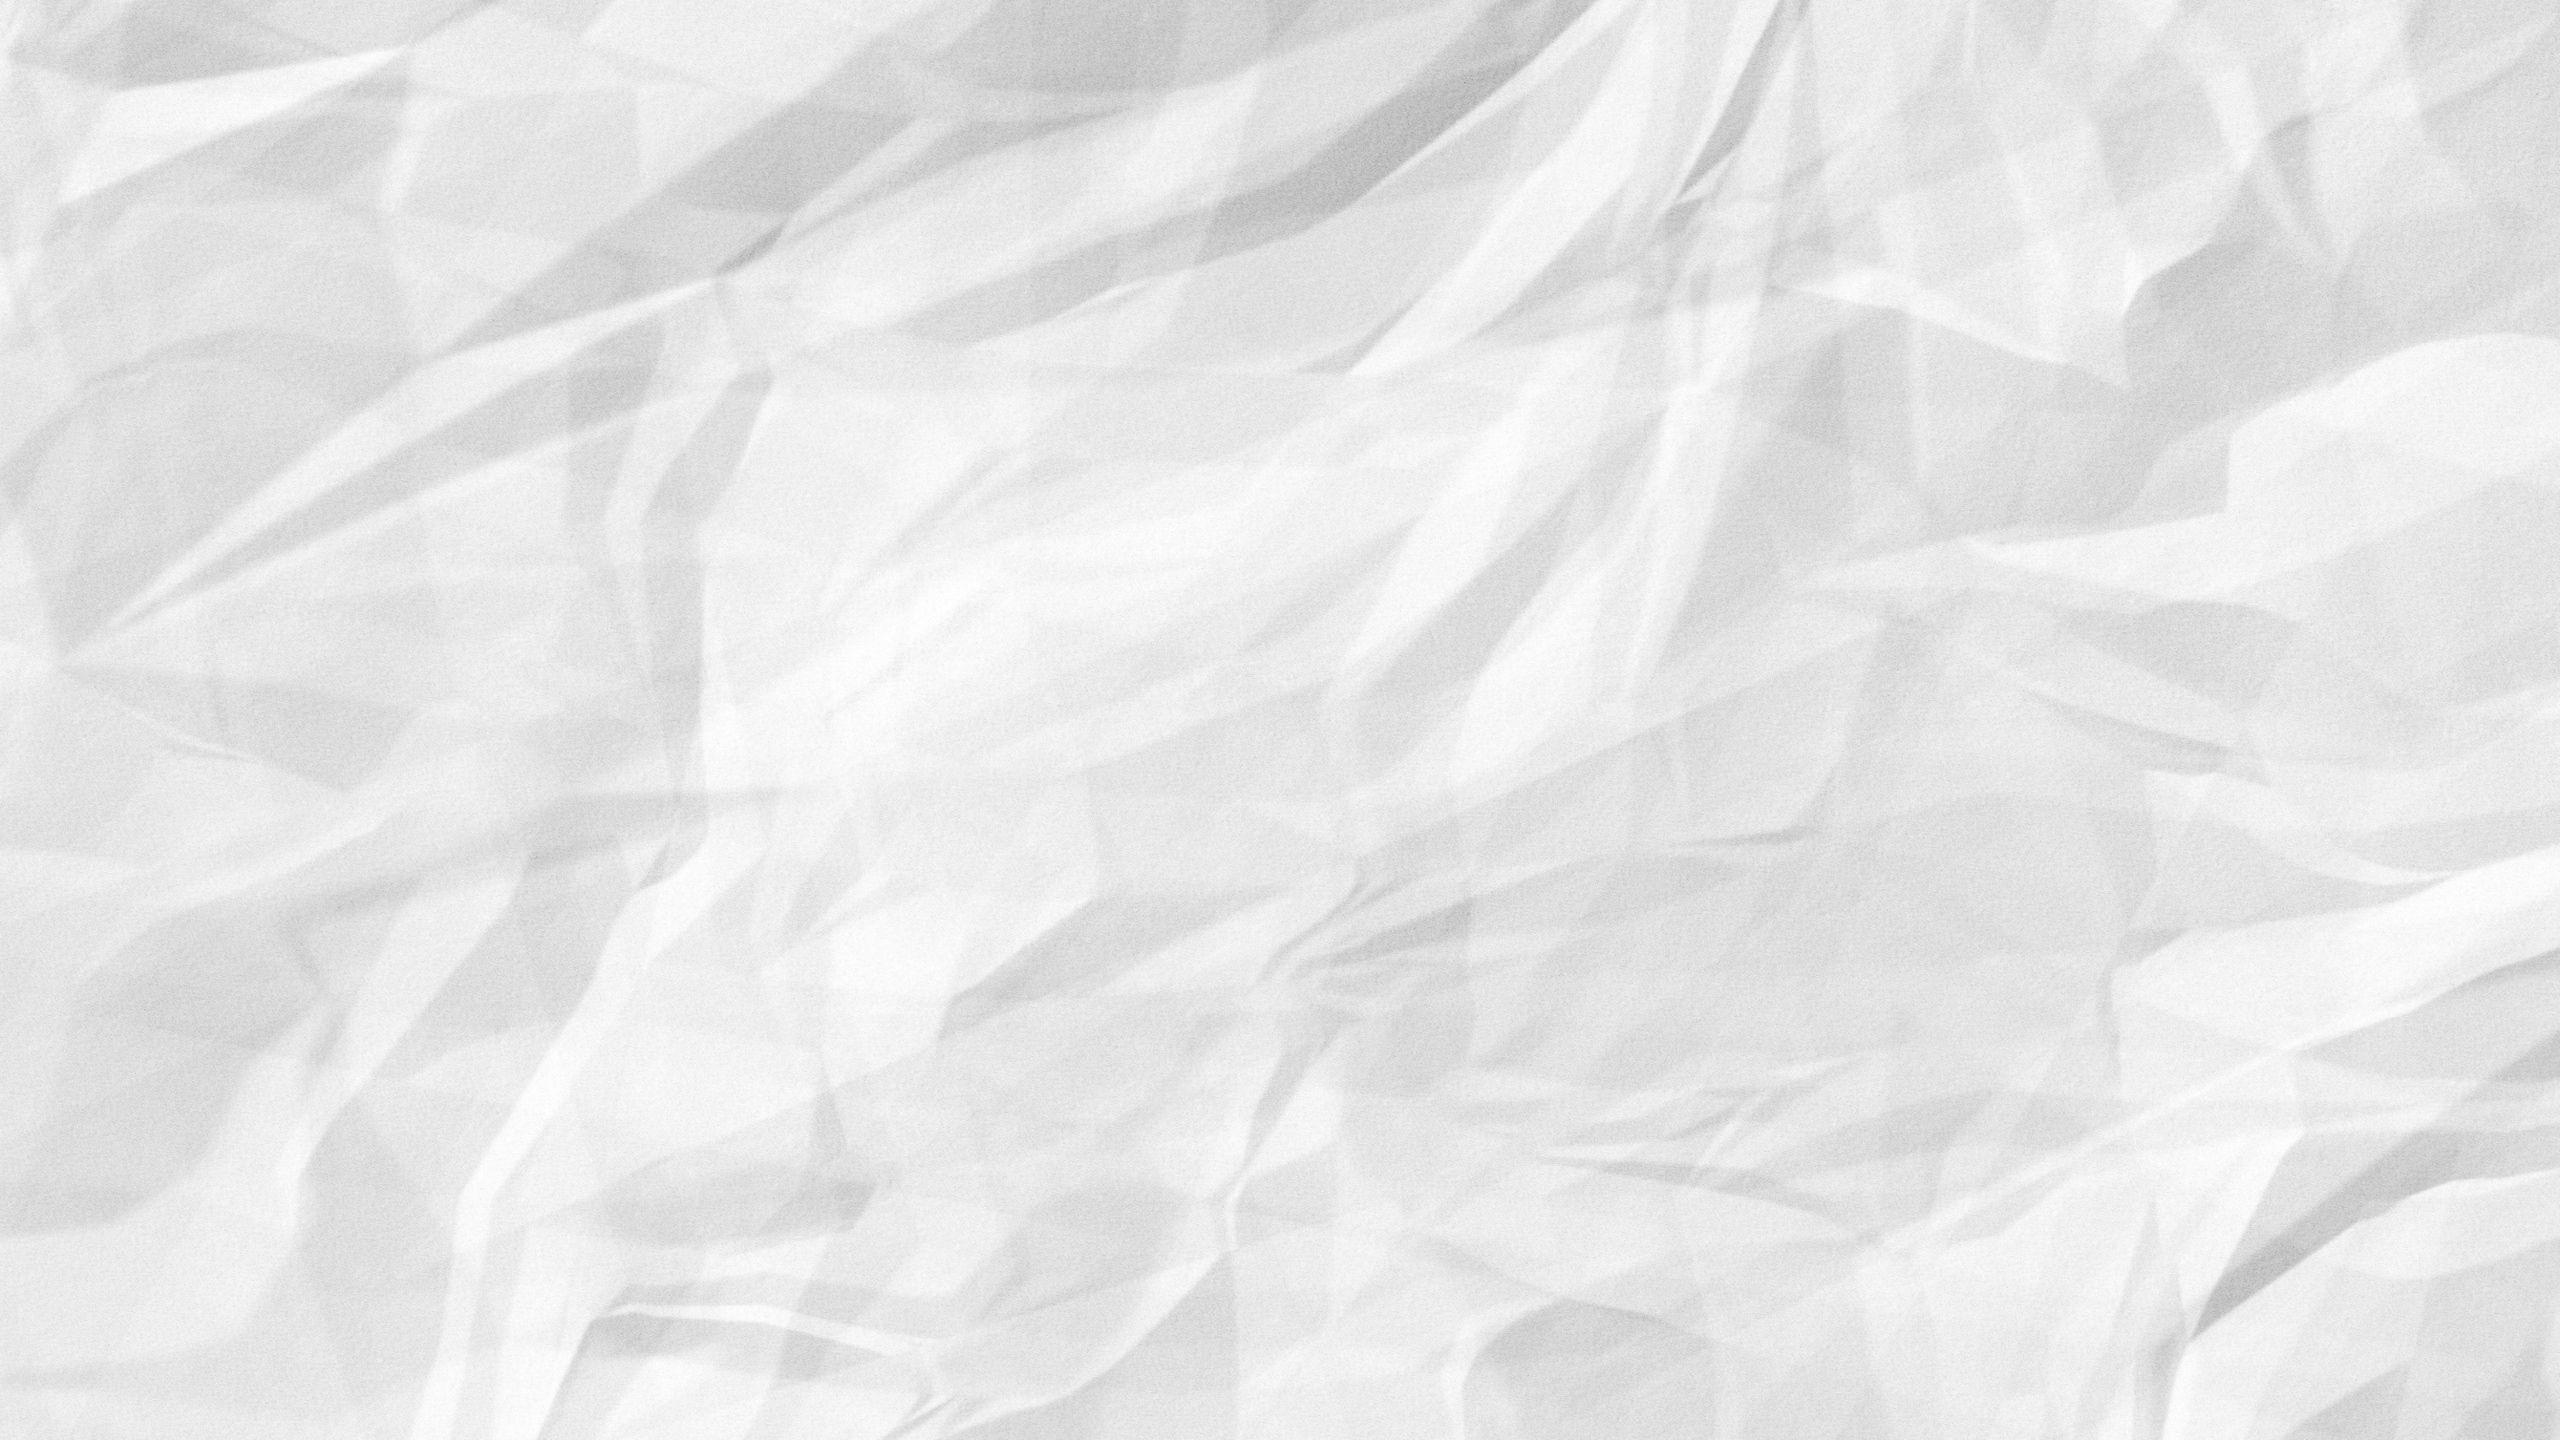 2560x1440 Wallpaper Paper Dents Texture Latar Belakang